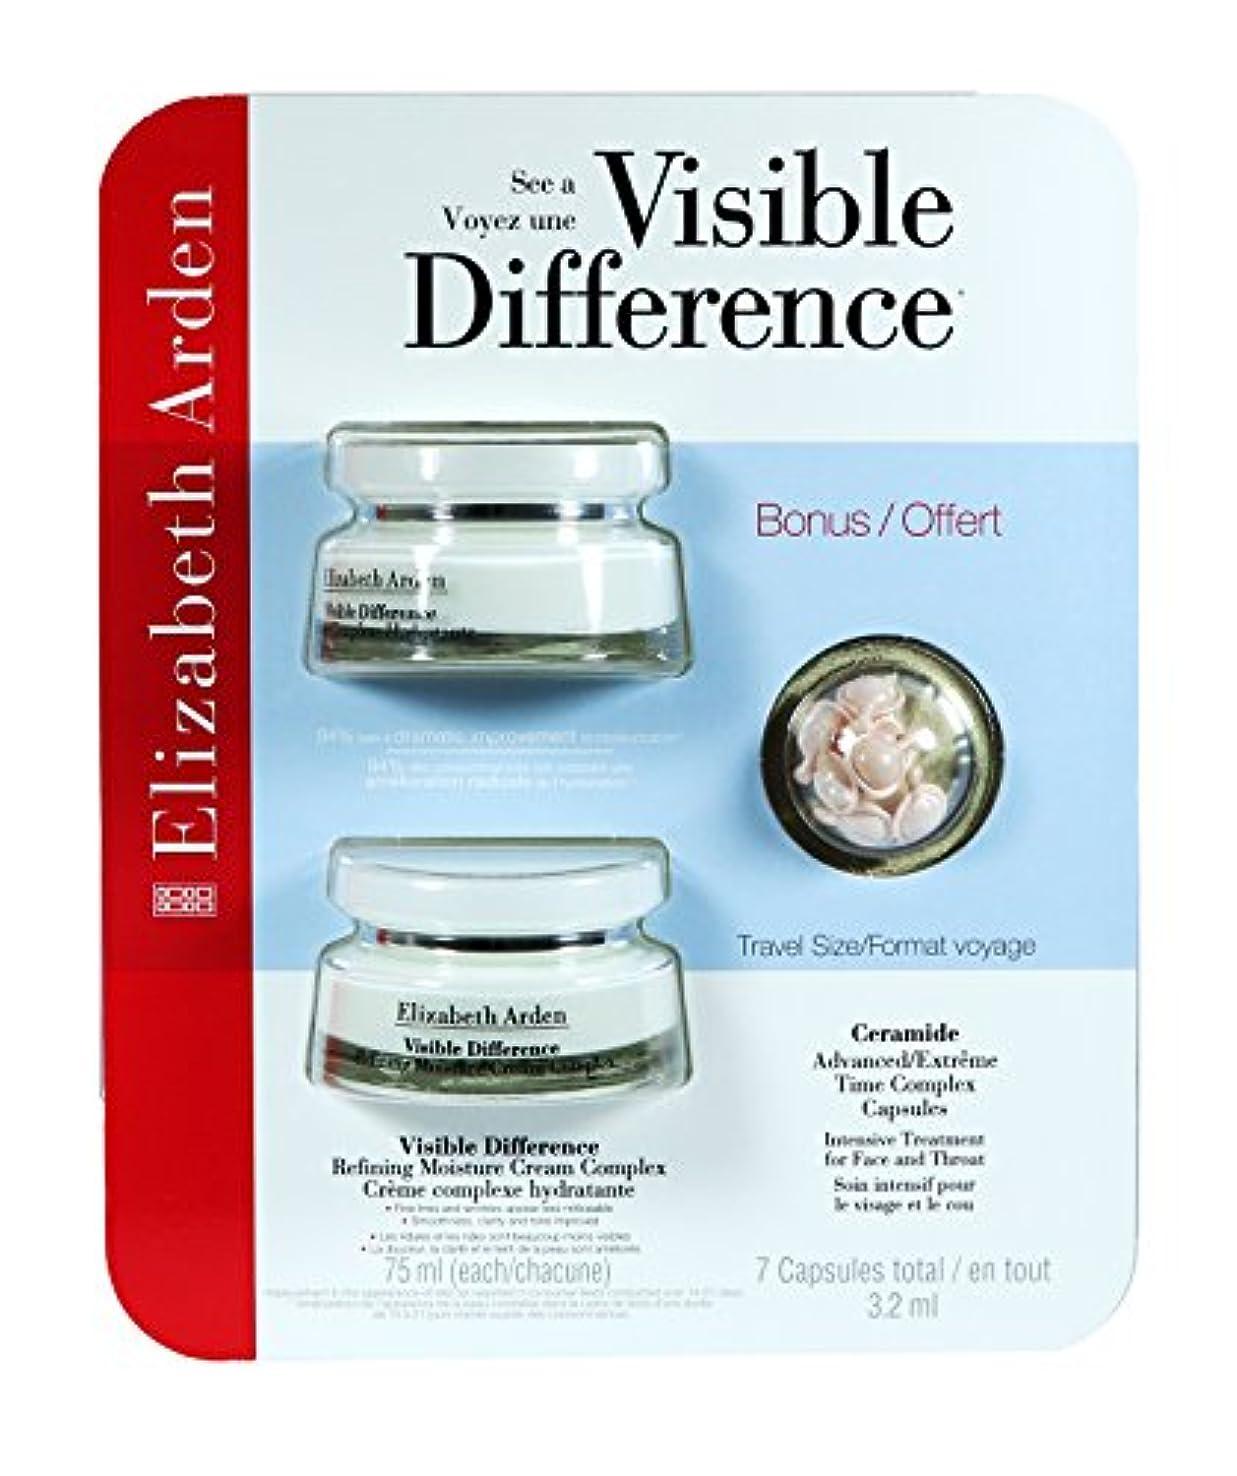 呪われた分離移行Elizabeth Arden Visible Difference Refining Moisture Cream Complex Double Value Pack (2 x 2.5oz) With BONUS Travel...